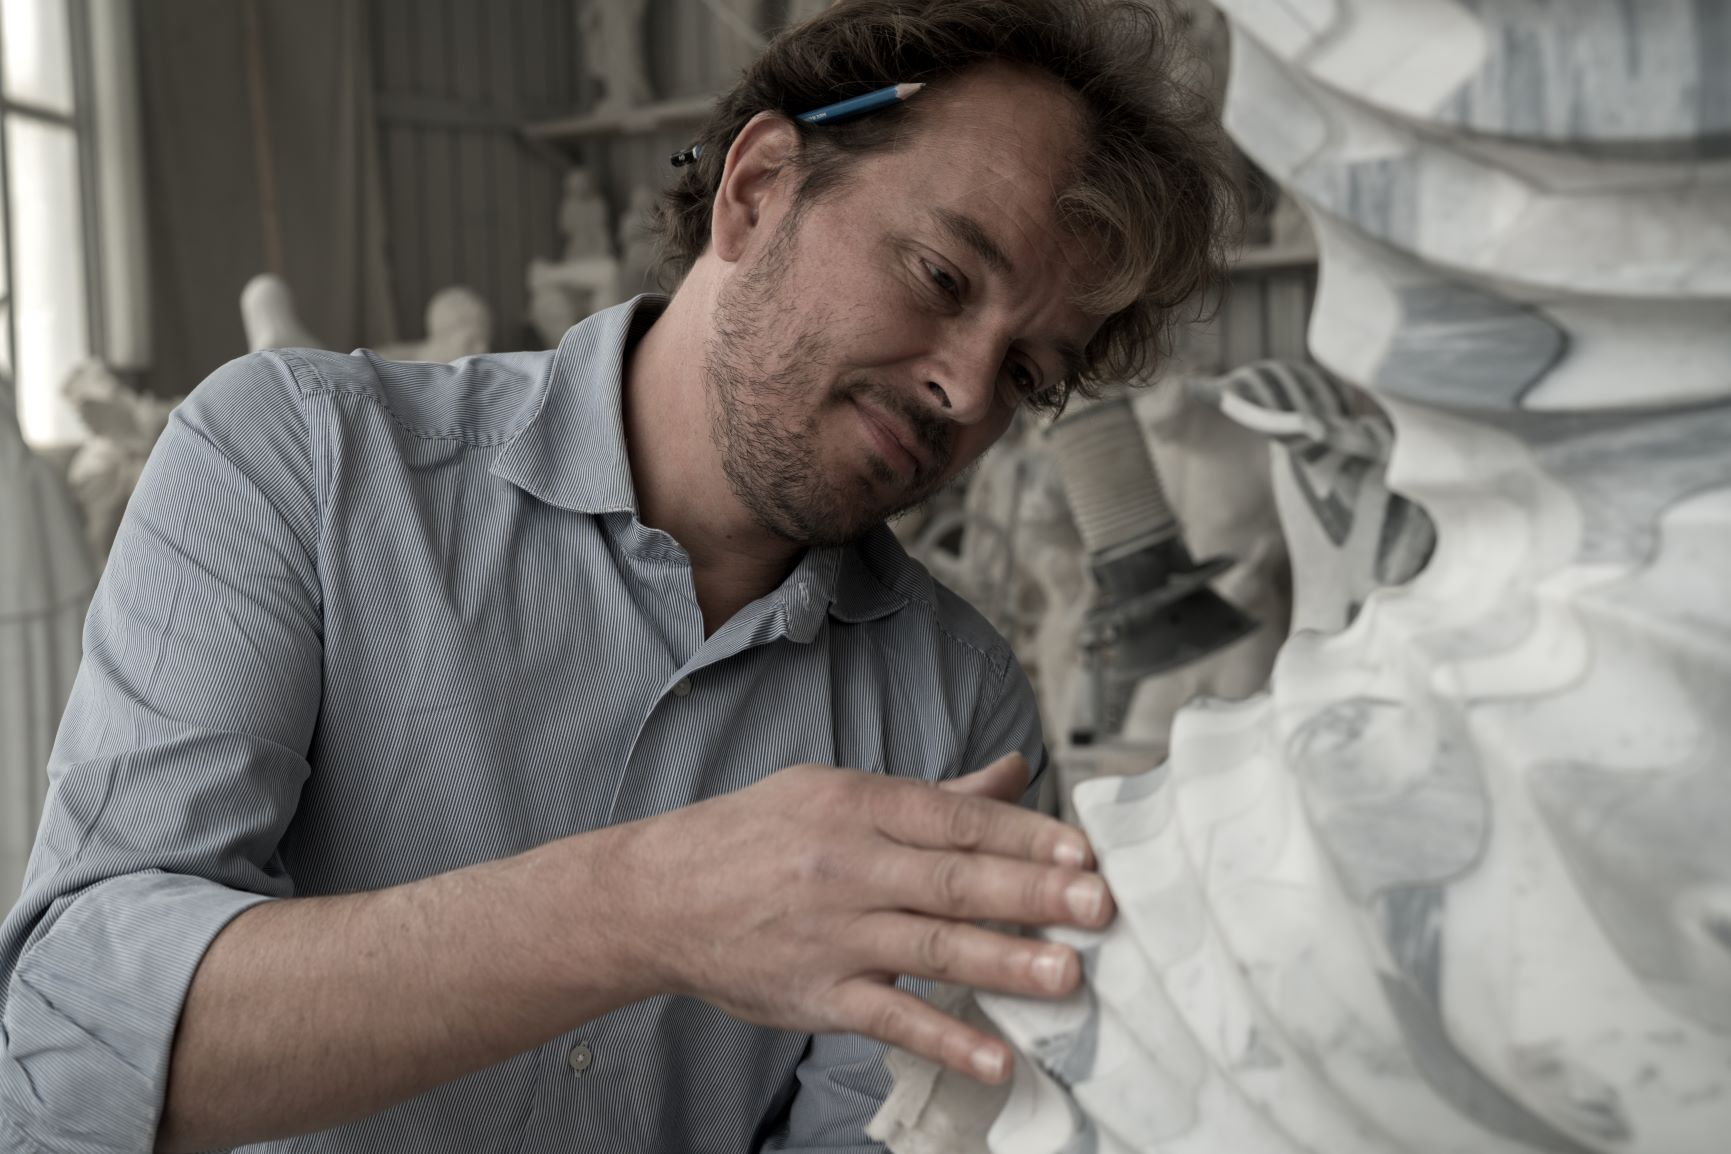 sylvestre-gauvrit-sculptor-artist